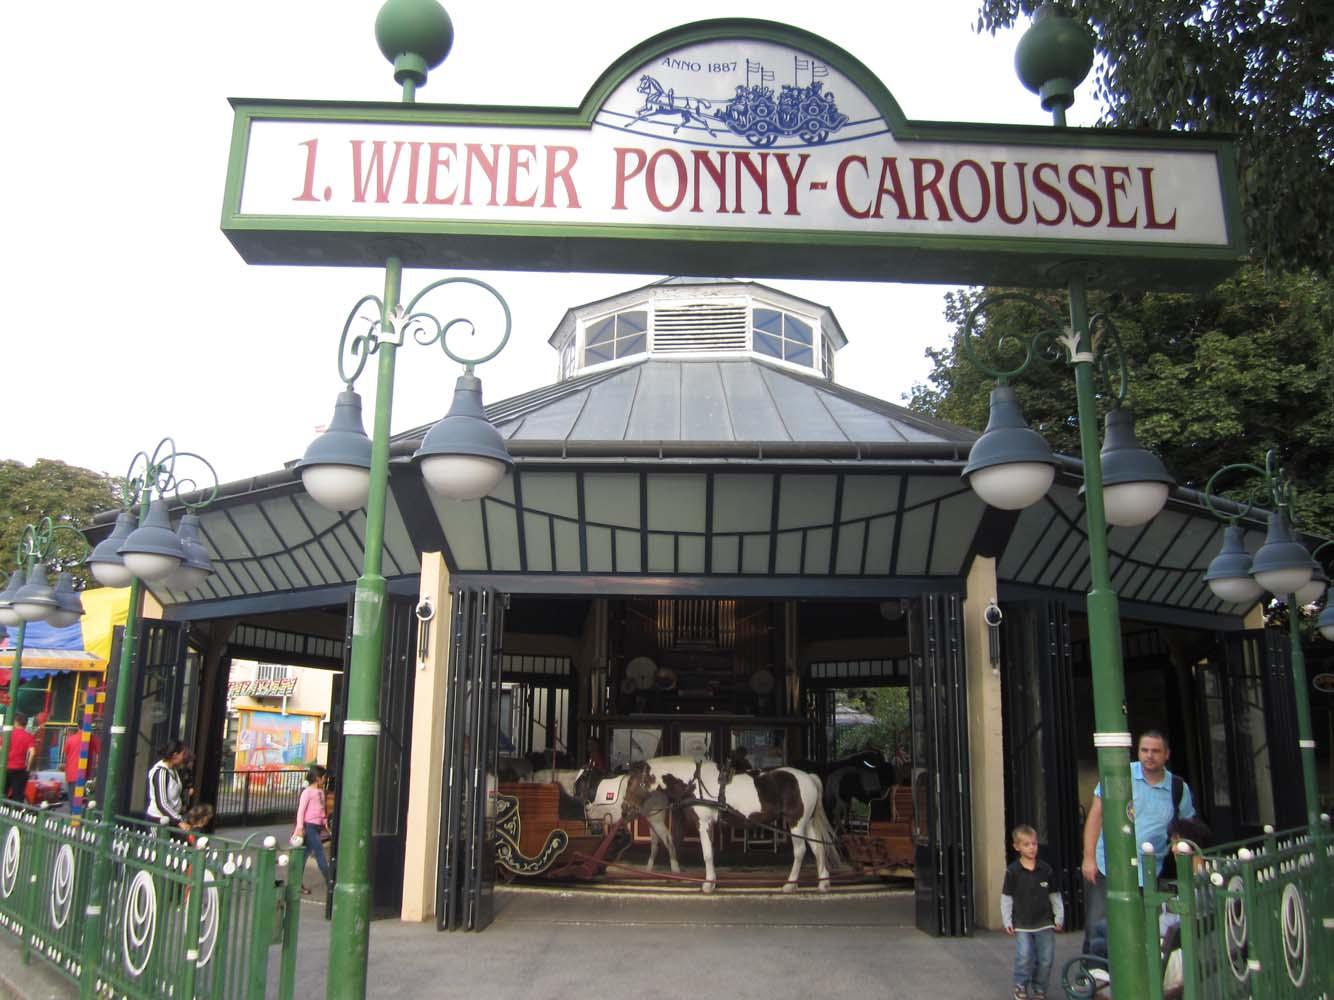 pony-caroussel-one